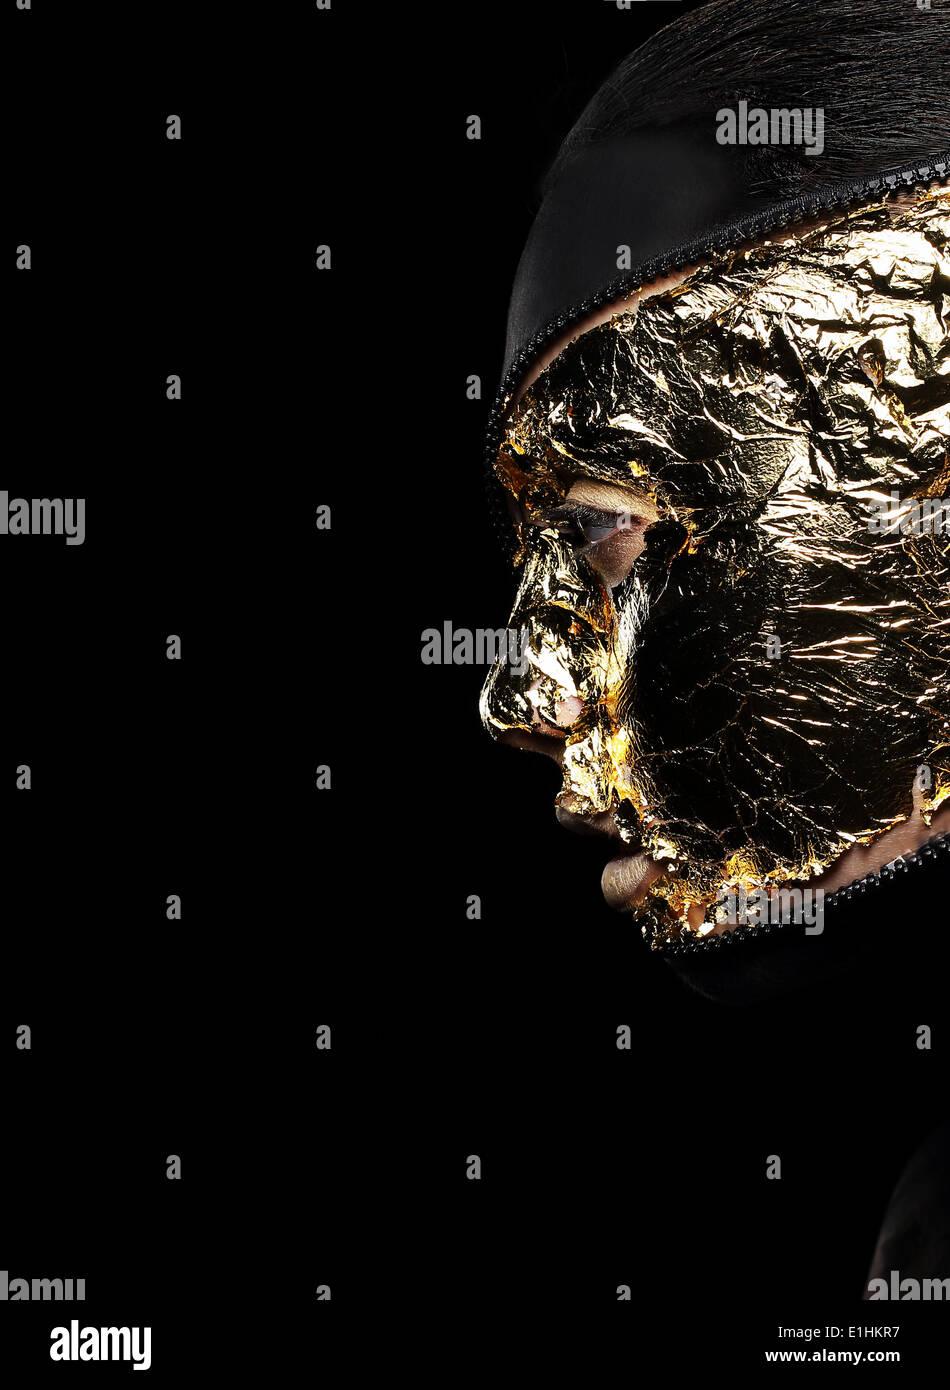 Visage de femme style couverts Golden aluminium sur fond noir. Mystère Photo Stock